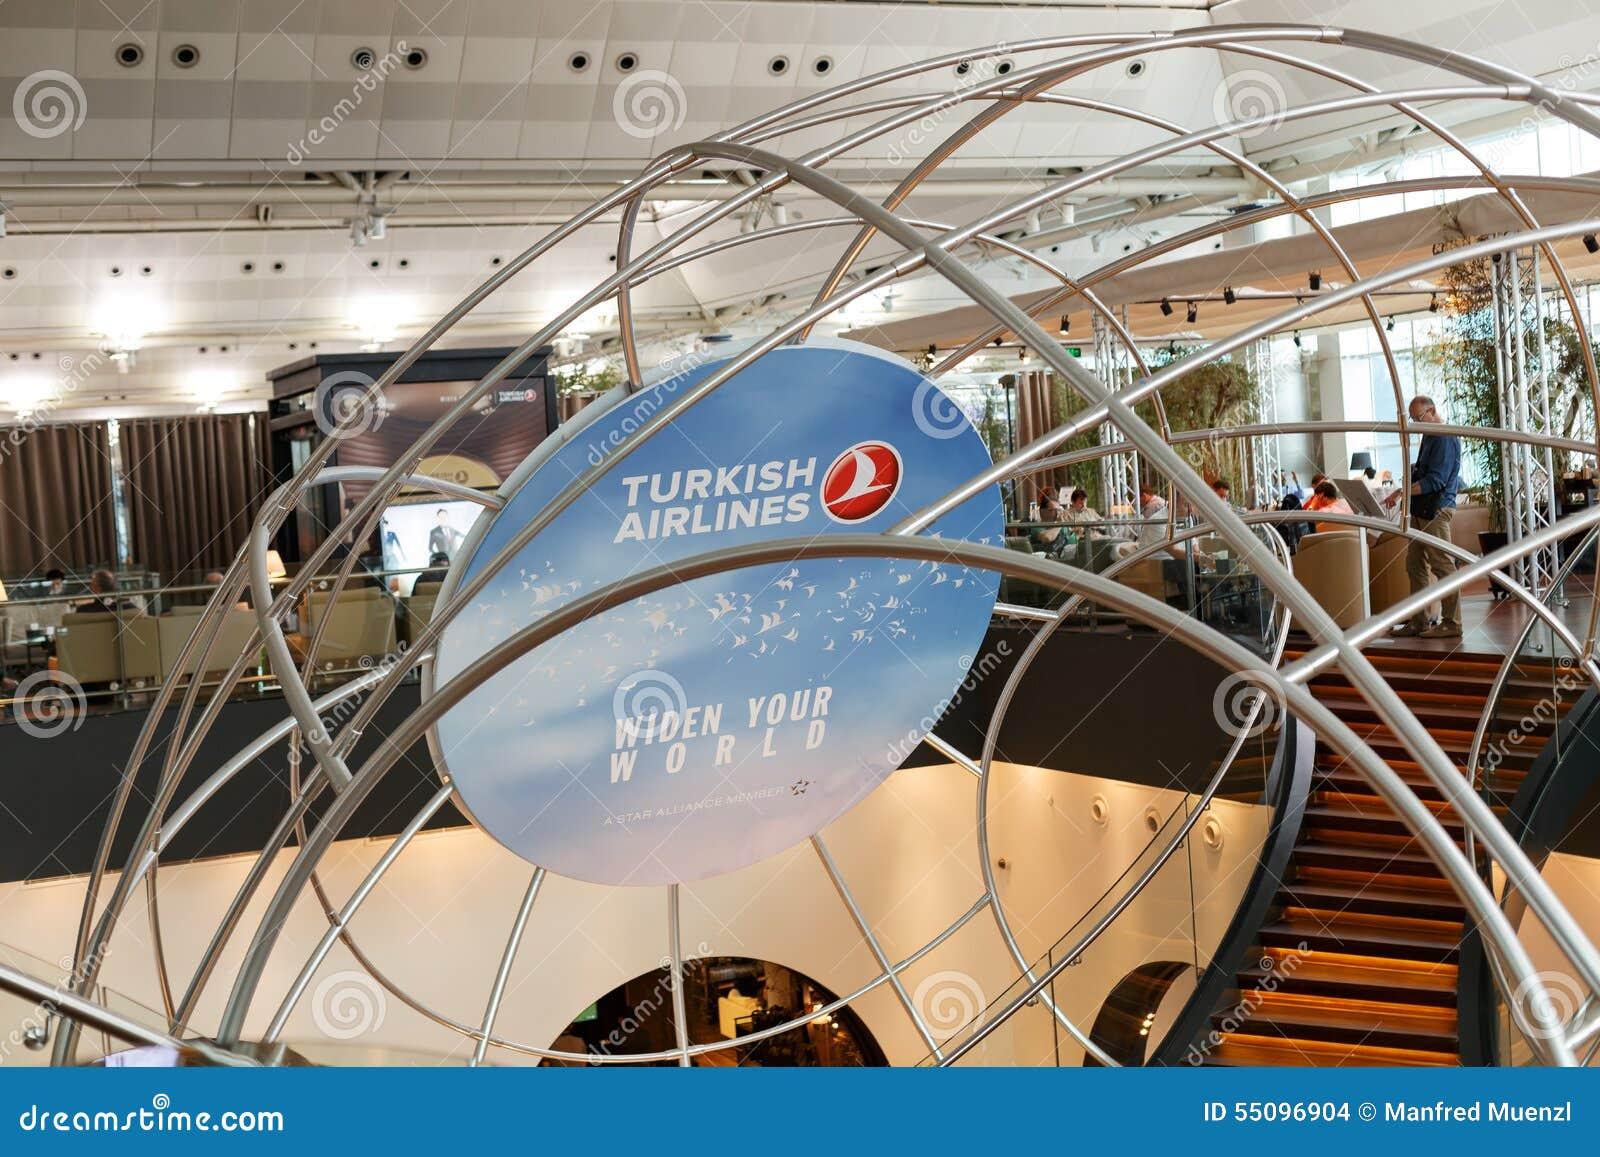 Salon de Turkish Airlines image stock éditorial. Image du ...